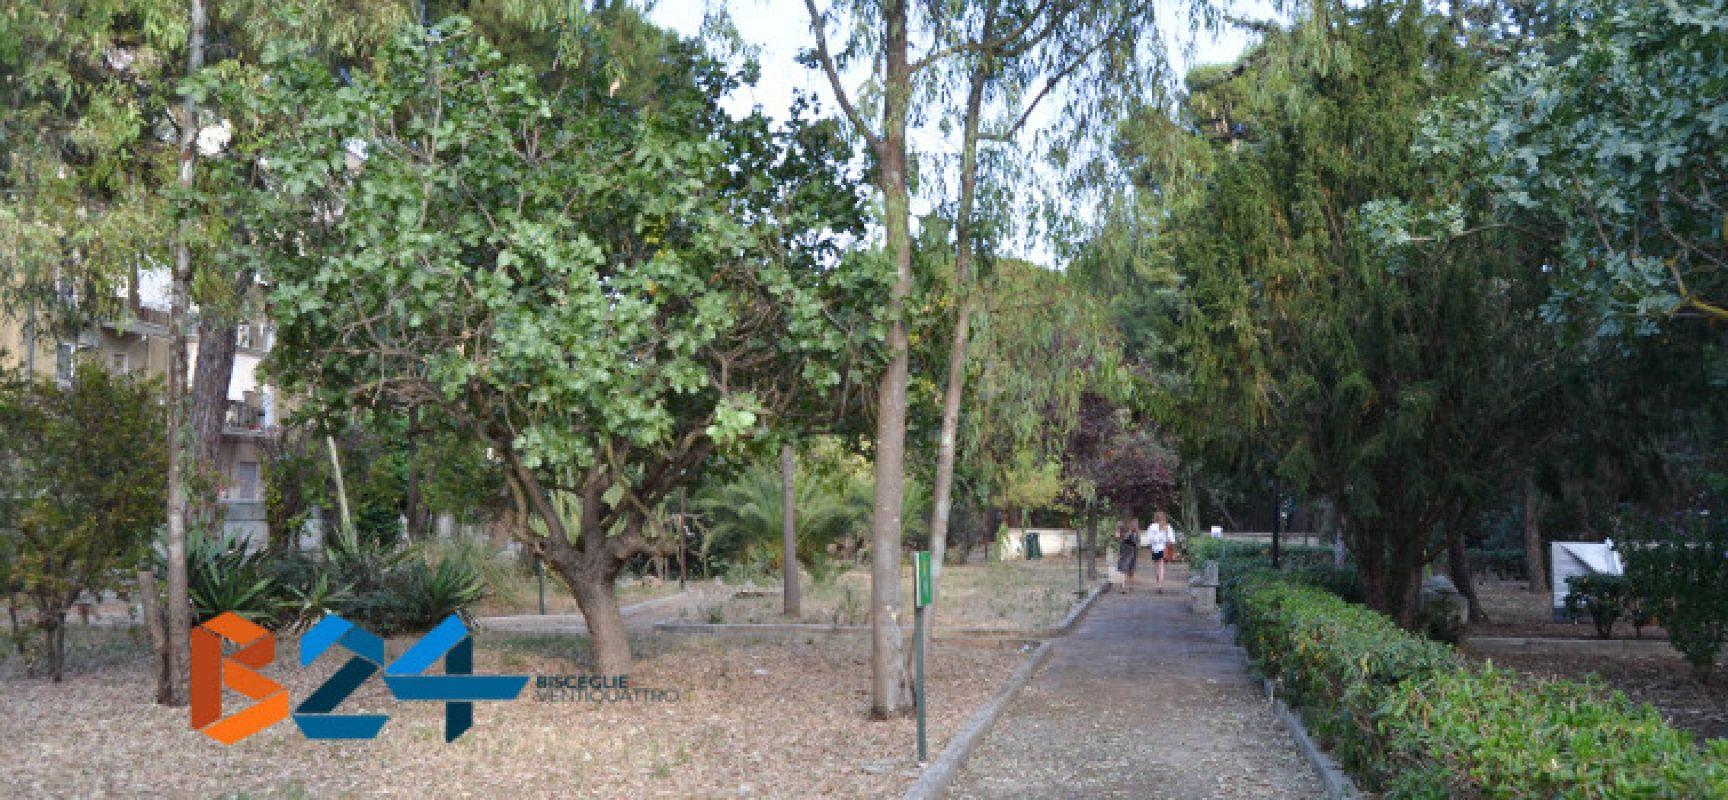 Giardino Botanico Veneziani: orari di apertura e calendario di luglio